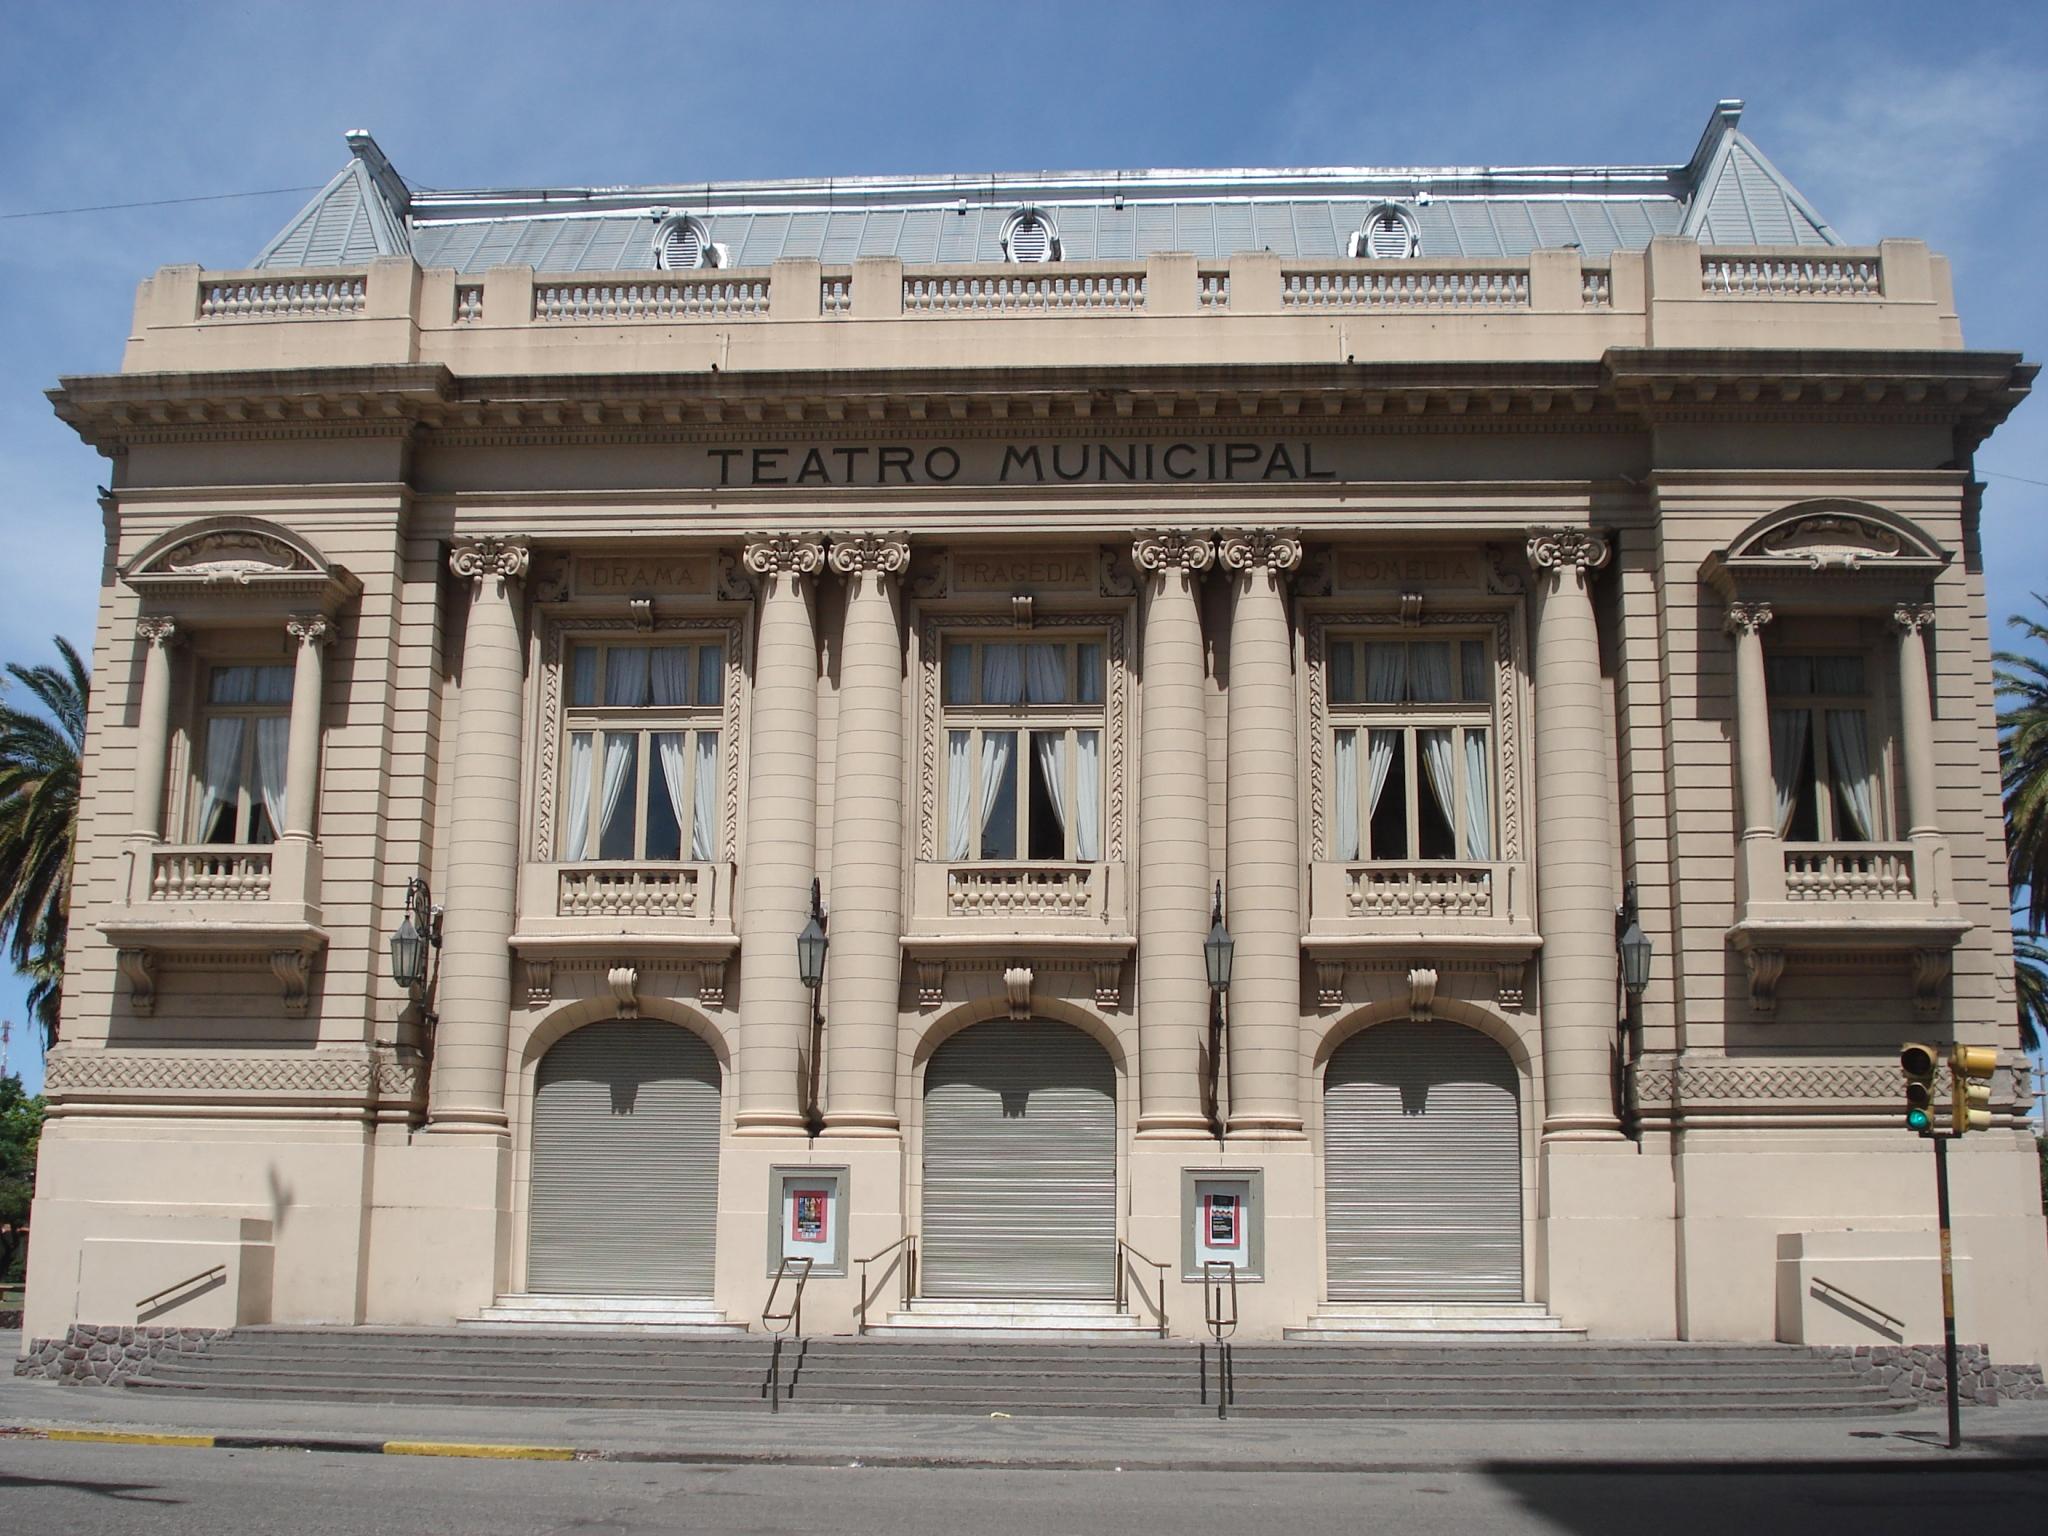 Teatro Municipal de Bahía Blanca